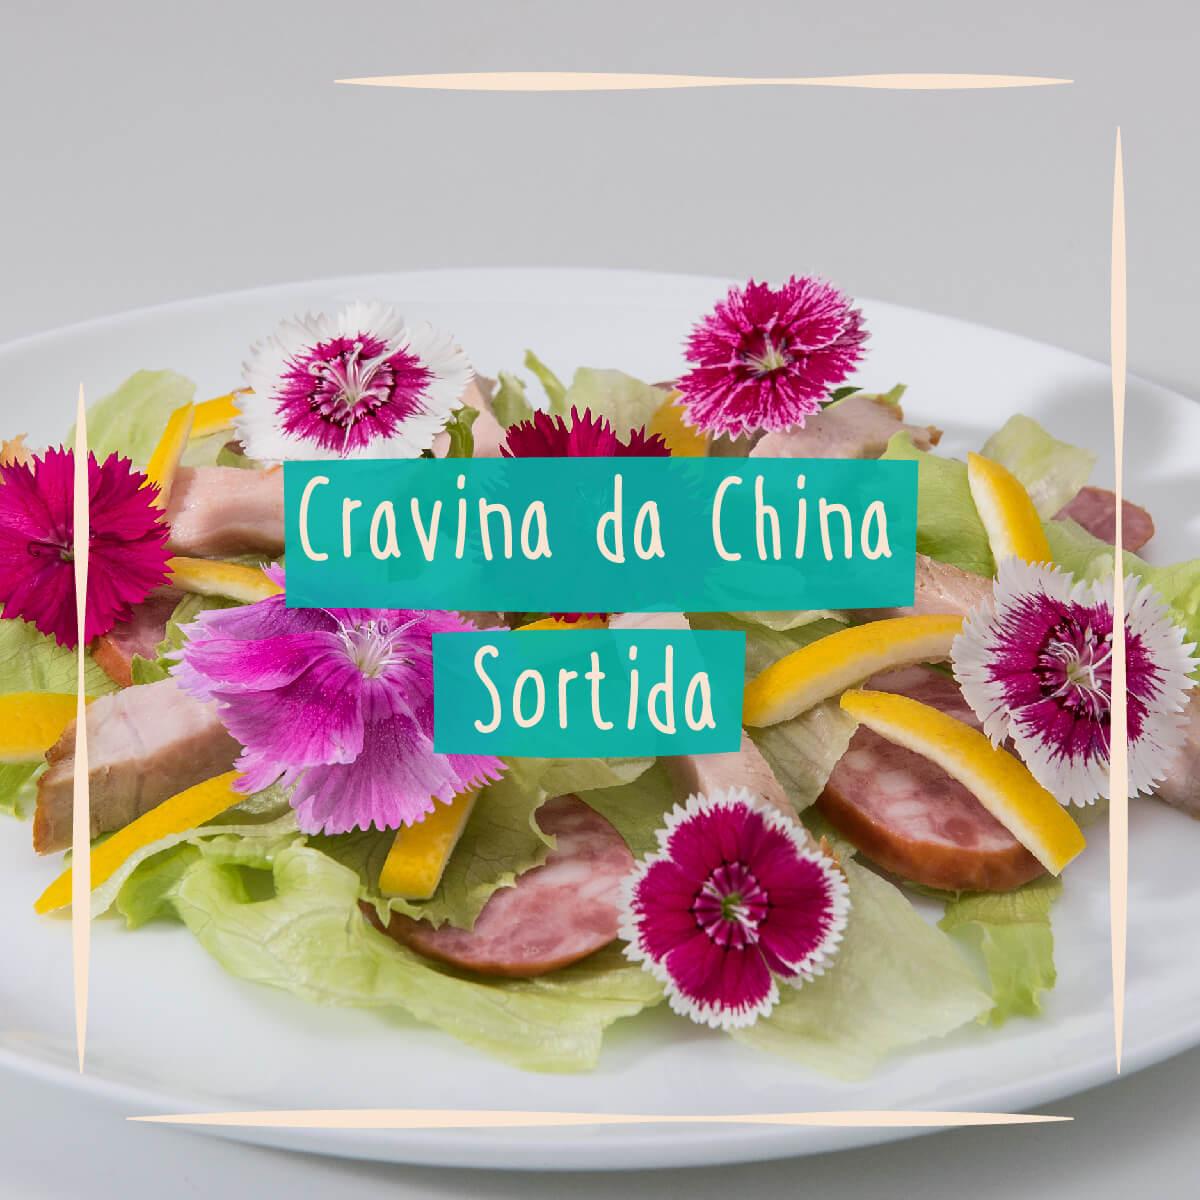 Sementes para plantar Cravina Comestível Sortida  - Loja Raiz